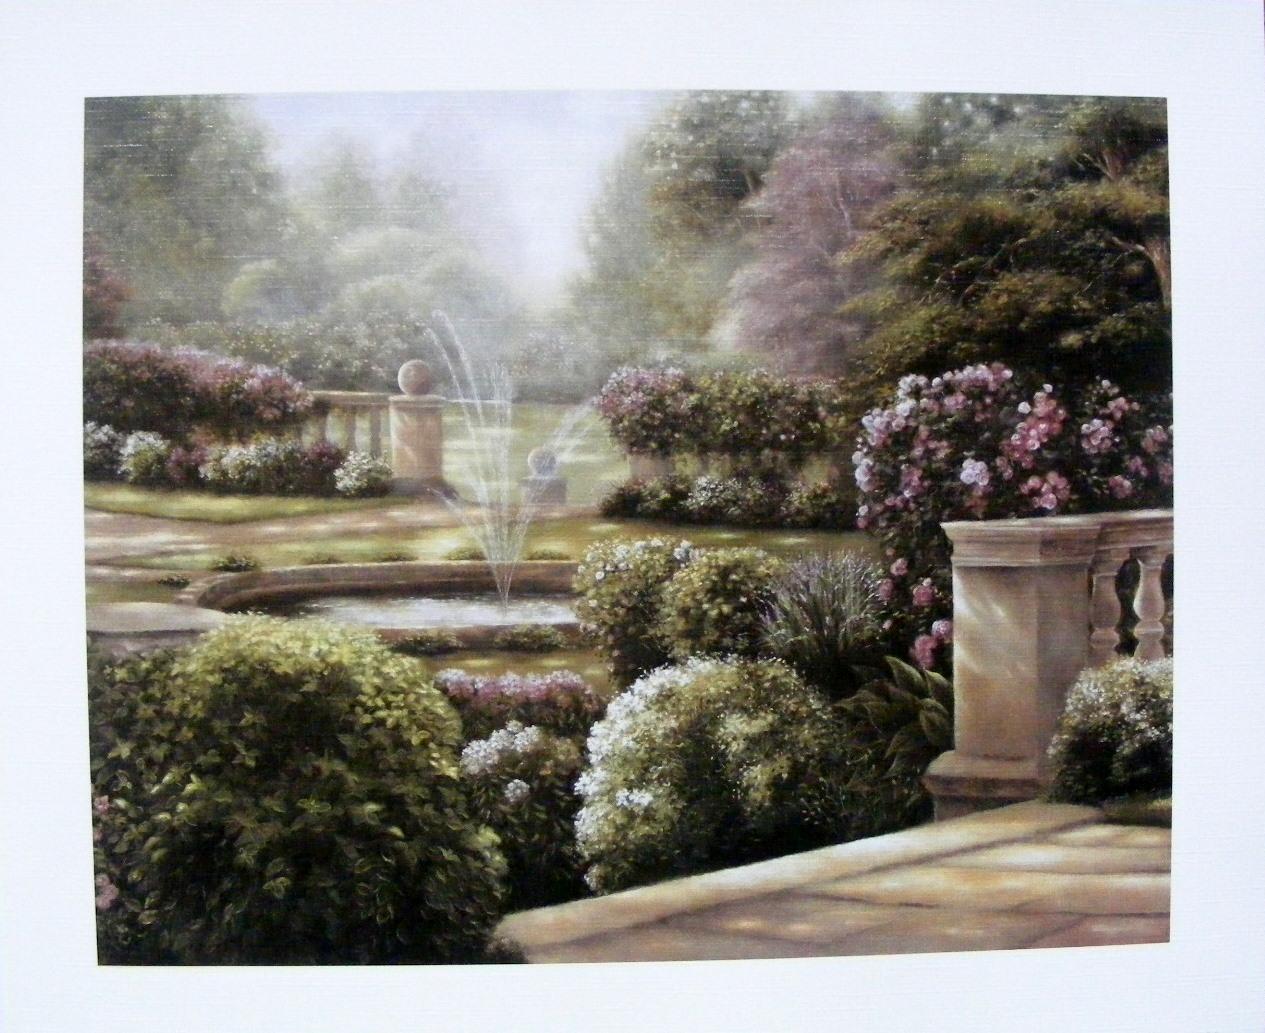 Obraz zahrady s fontánkou